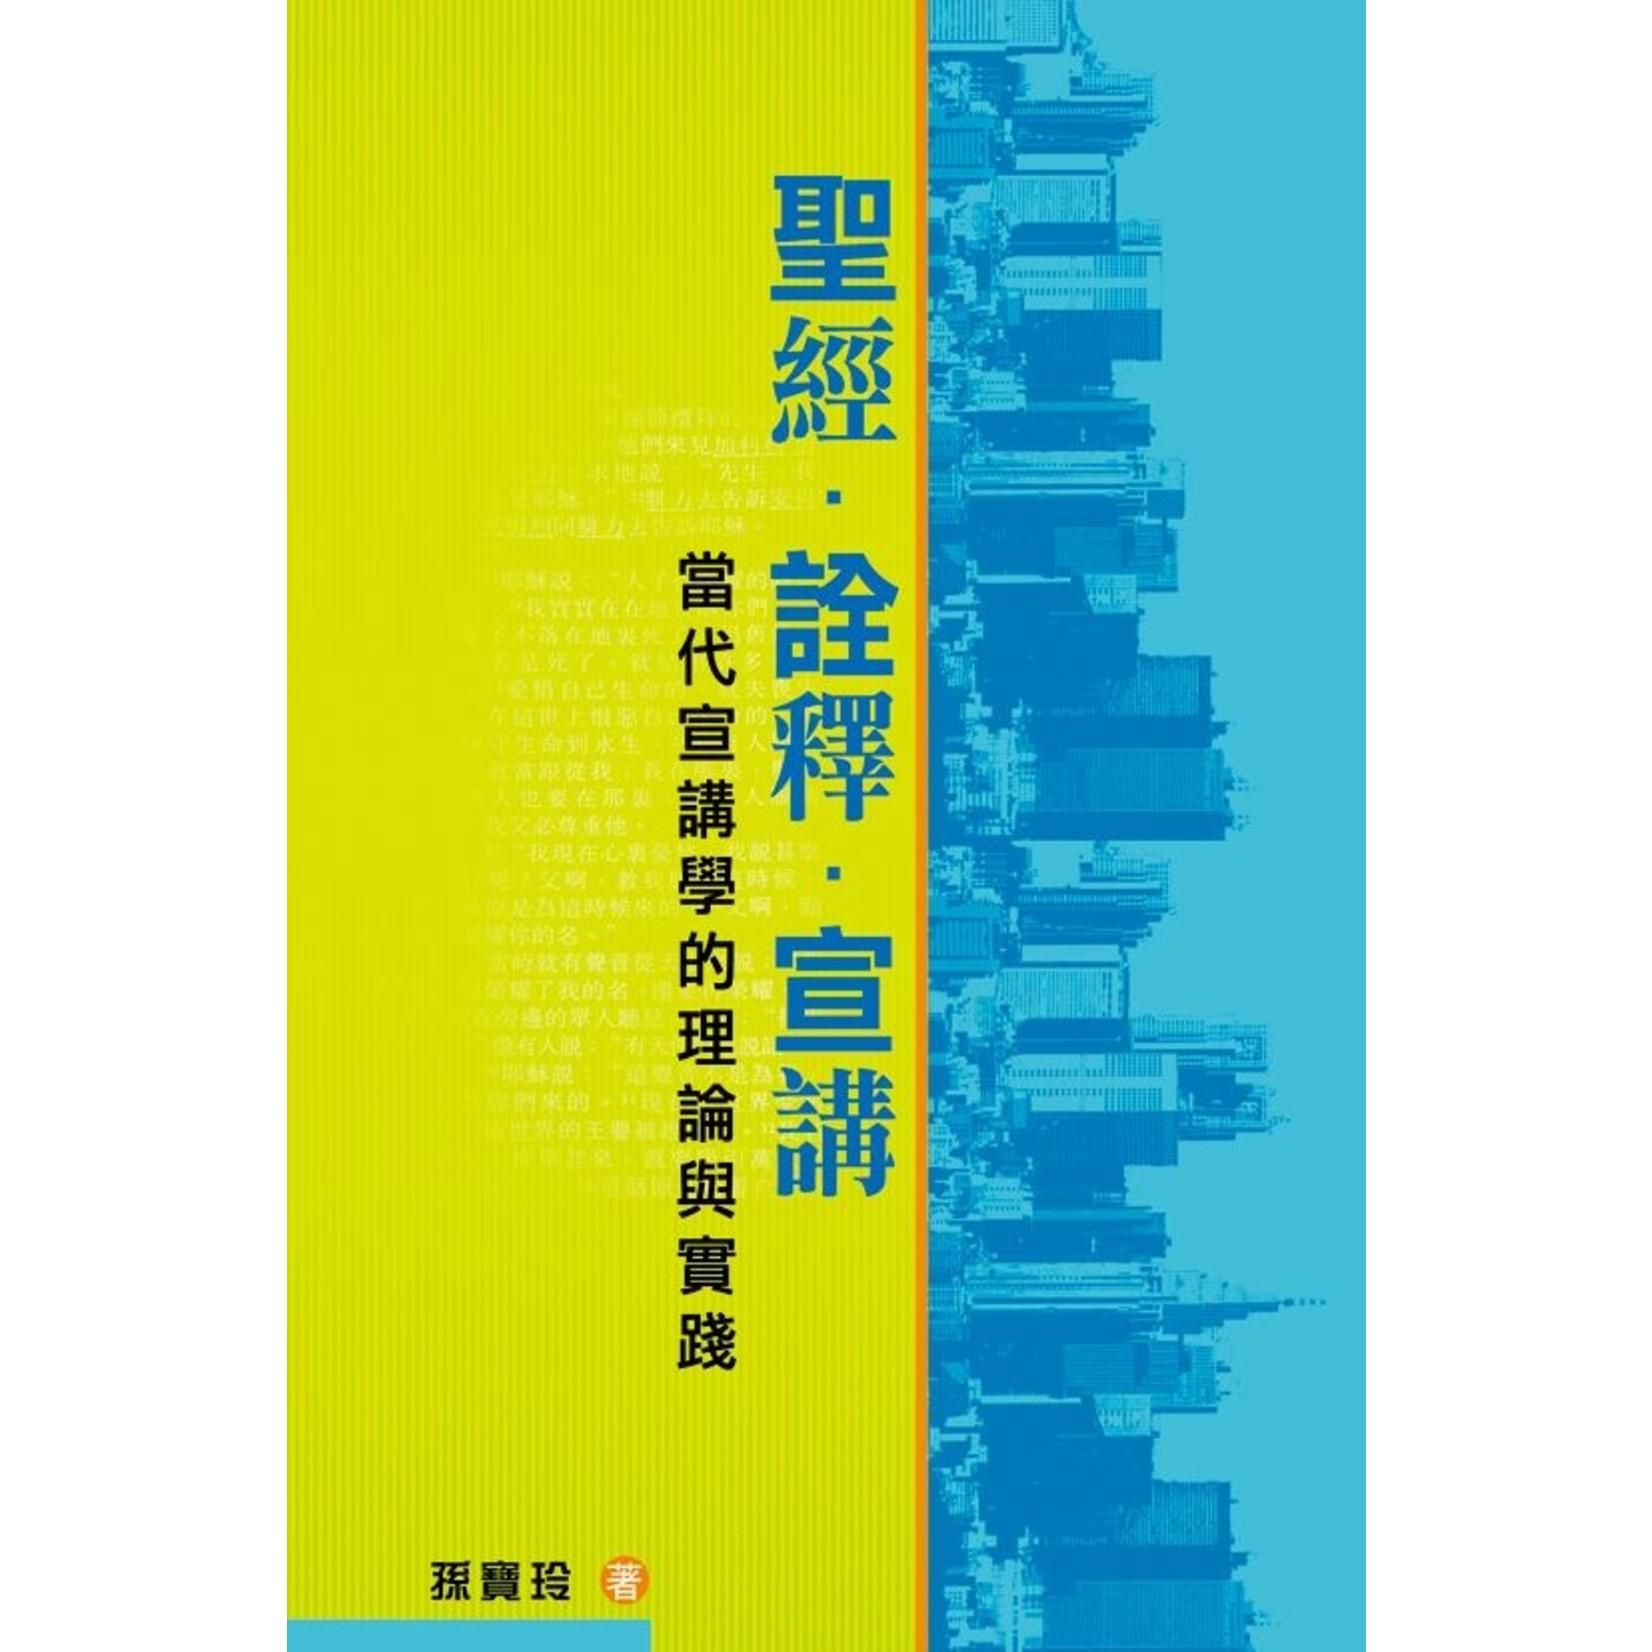 天道書樓 Tien Dao Publishing House 聖經.詮釋.宣講:當代宣講學的理論與實踐